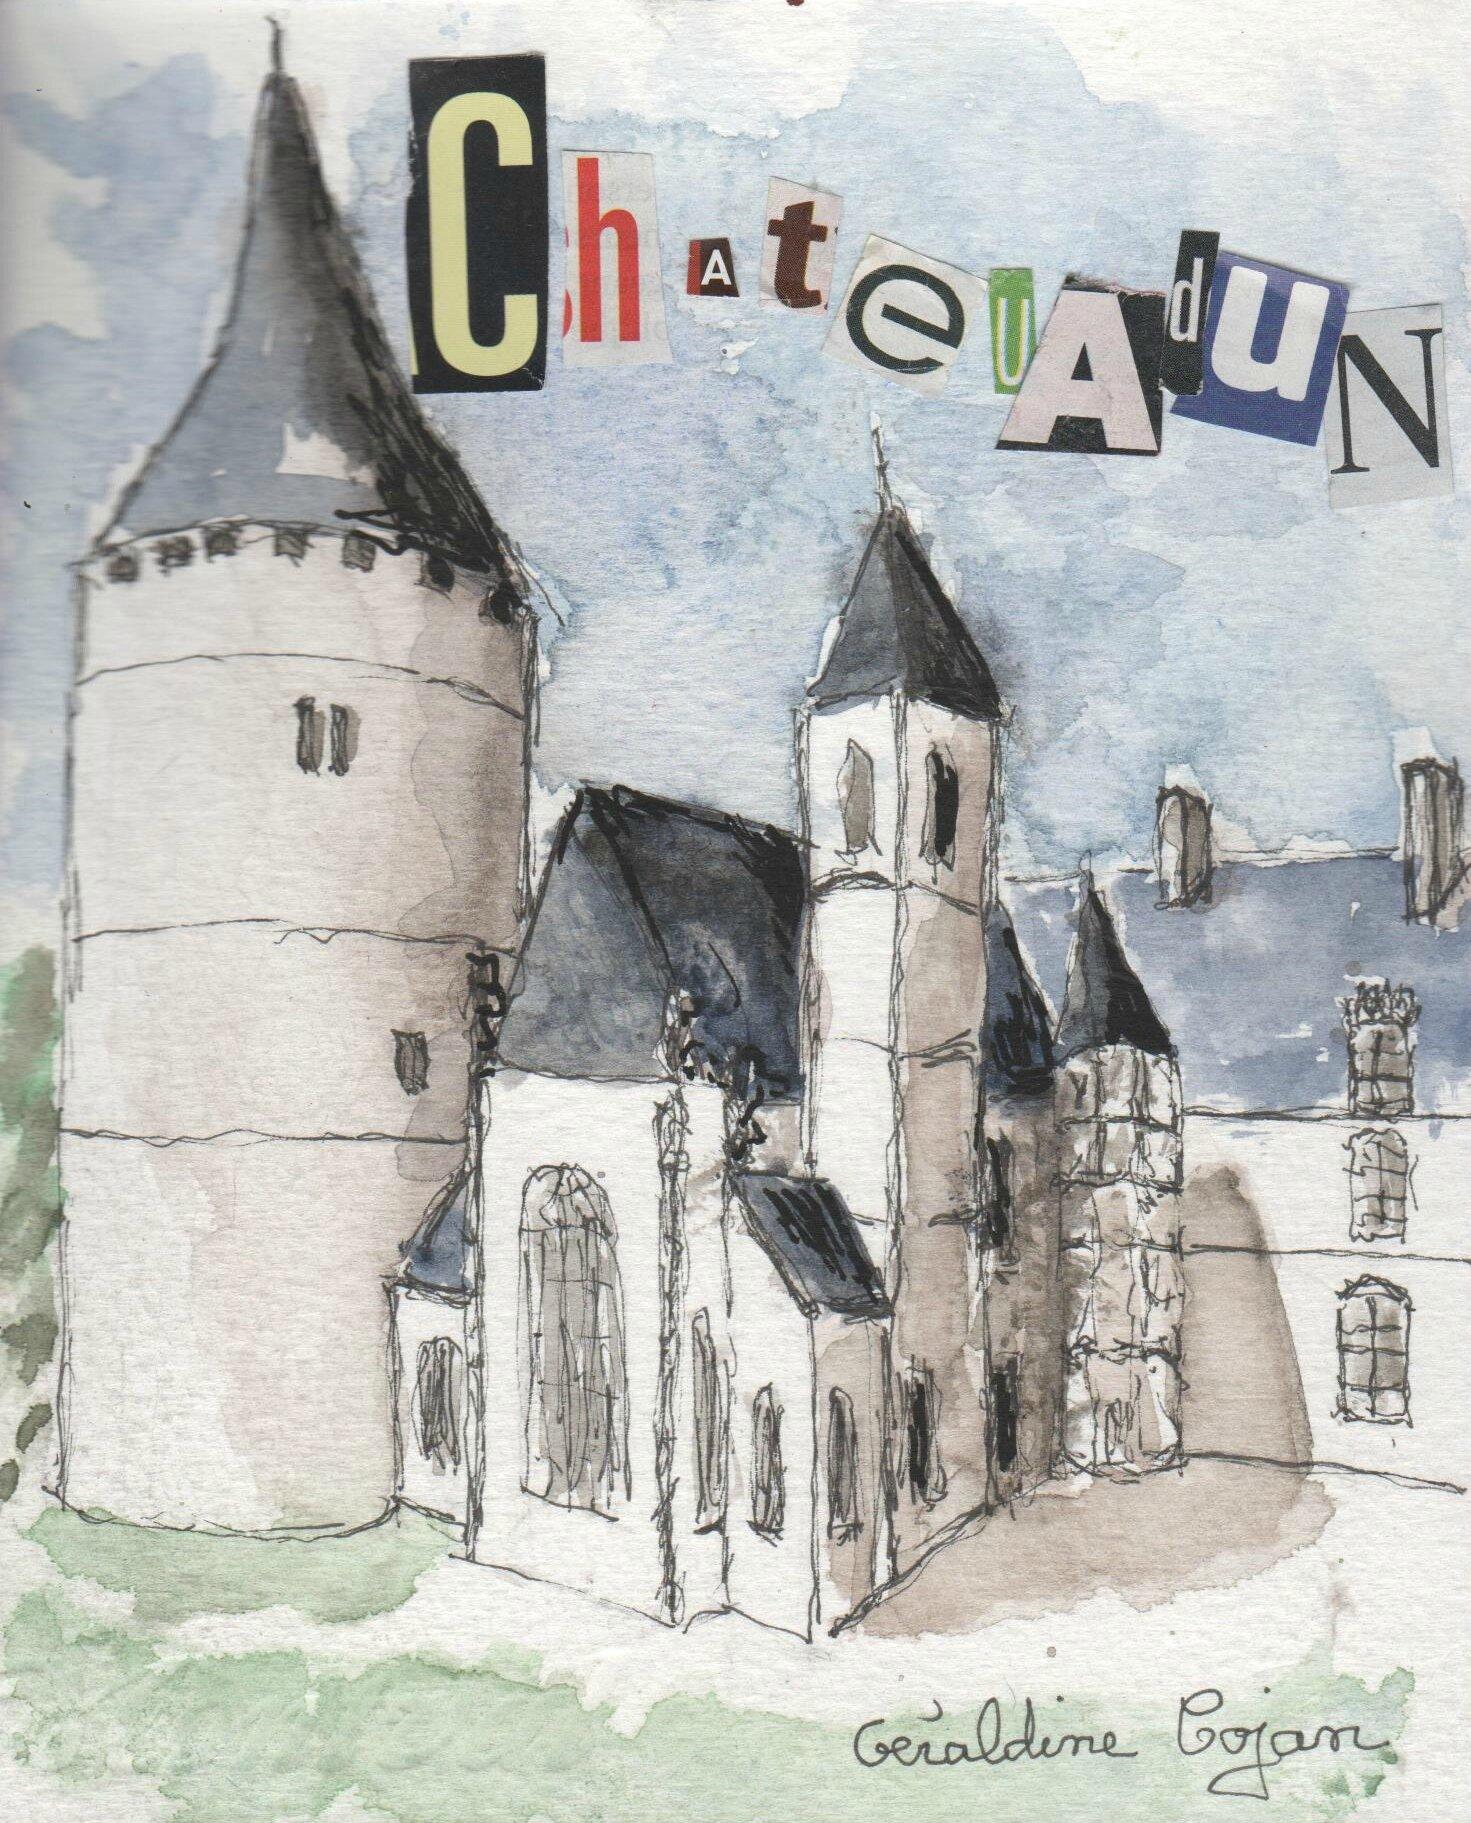 chateaudun 001